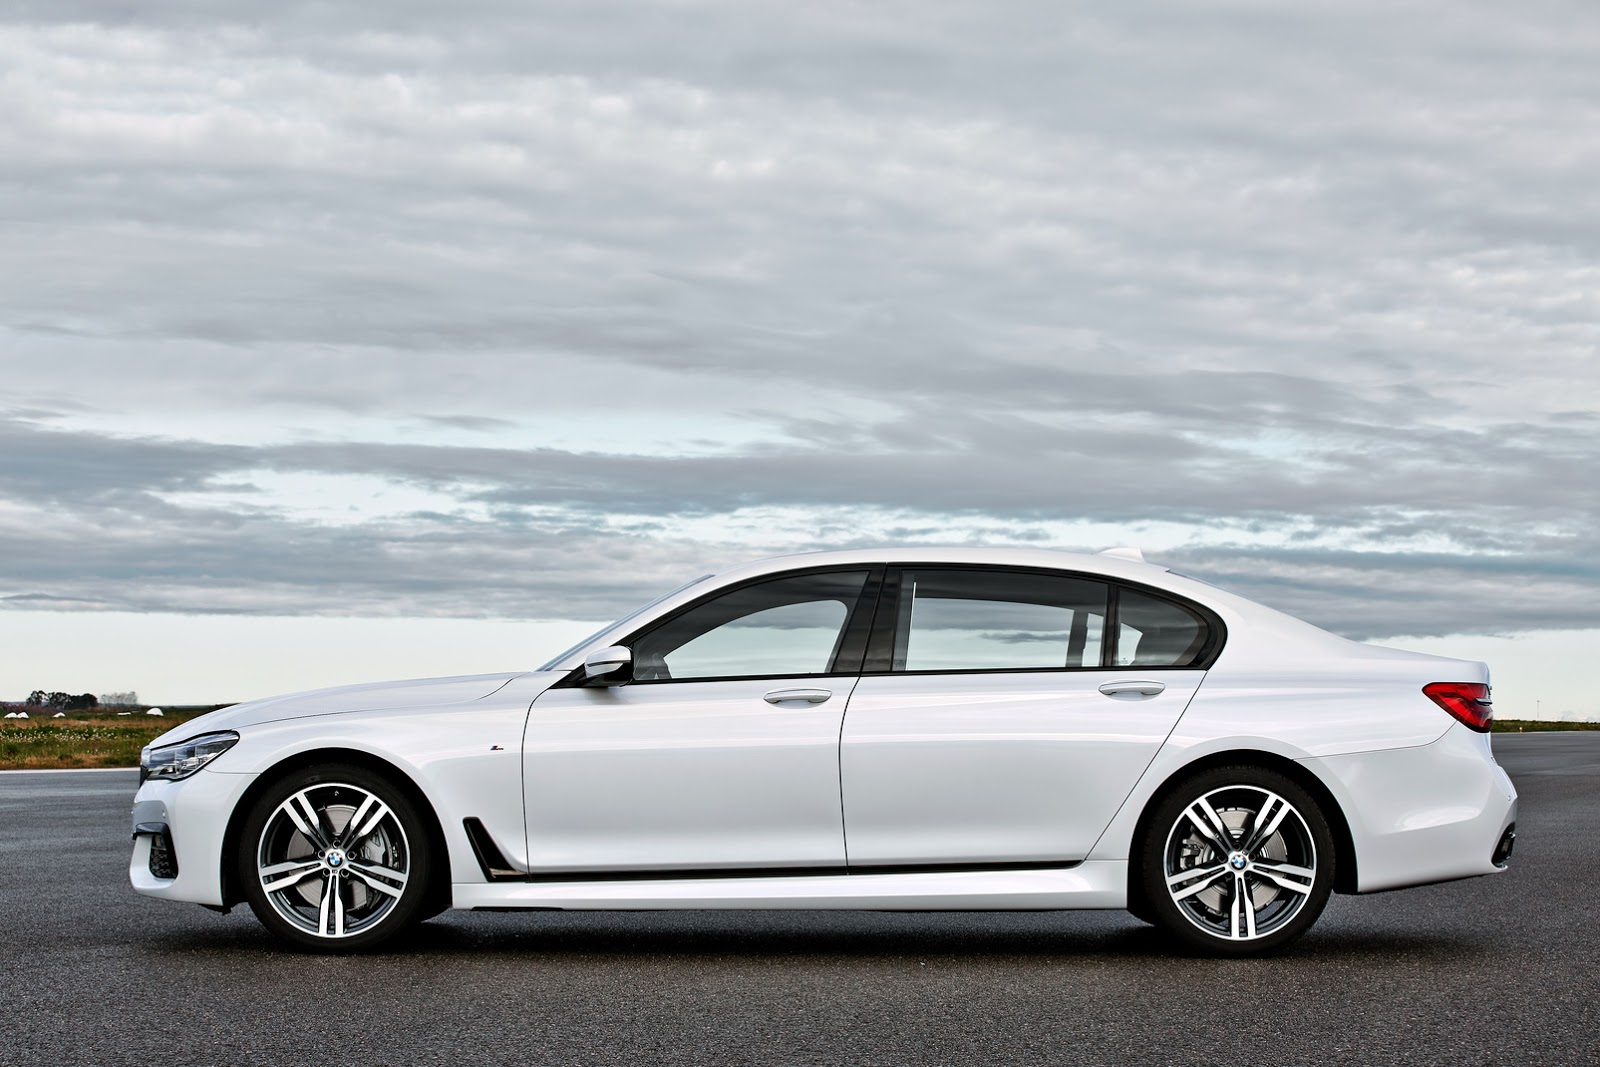 2016-BMW-7-Series-New41 புதிய பிஎம்டபிள்யூ 7 சீரிஸ் அறிமுகம்